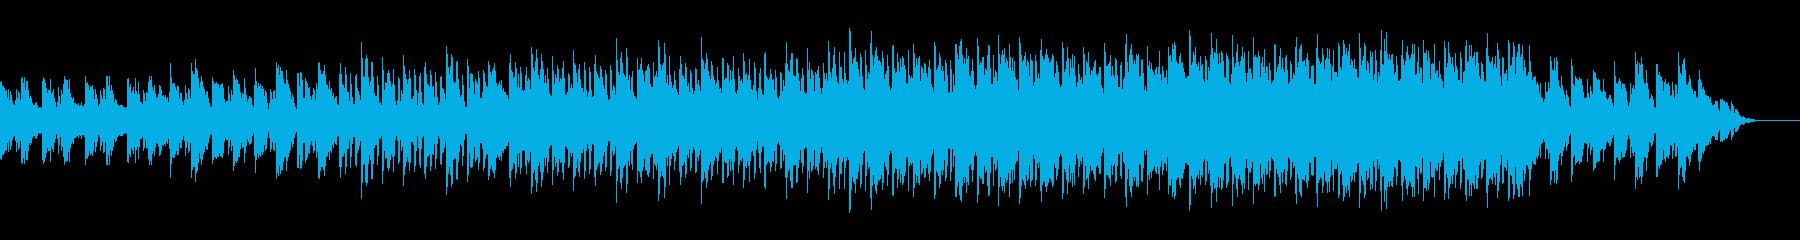 ウェディング シンプル 落ち着いた映像の再生済みの波形